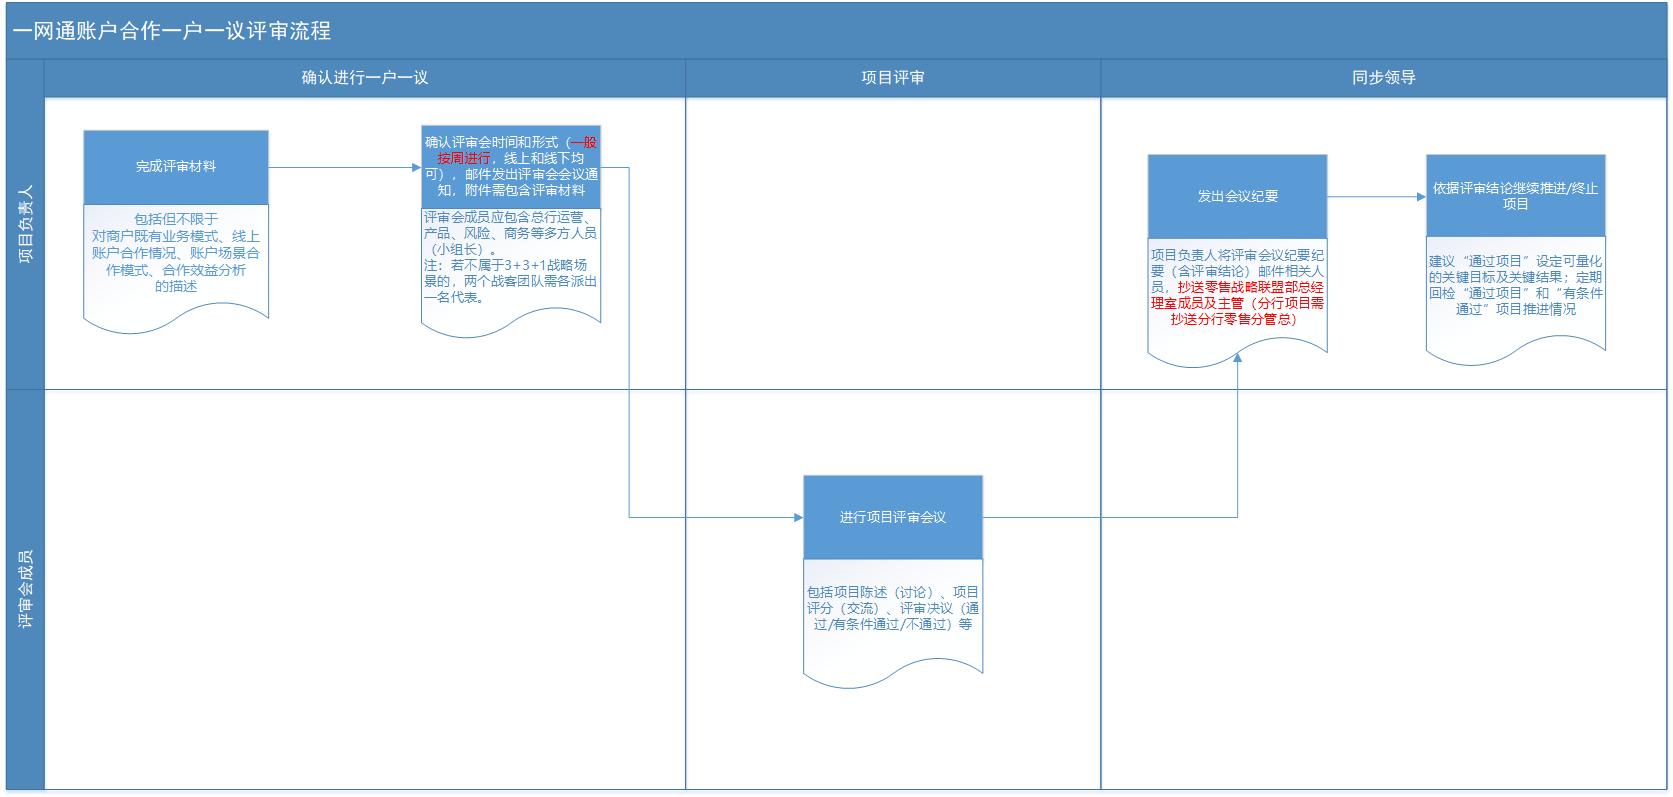 一户一议流程图-修改0530.png